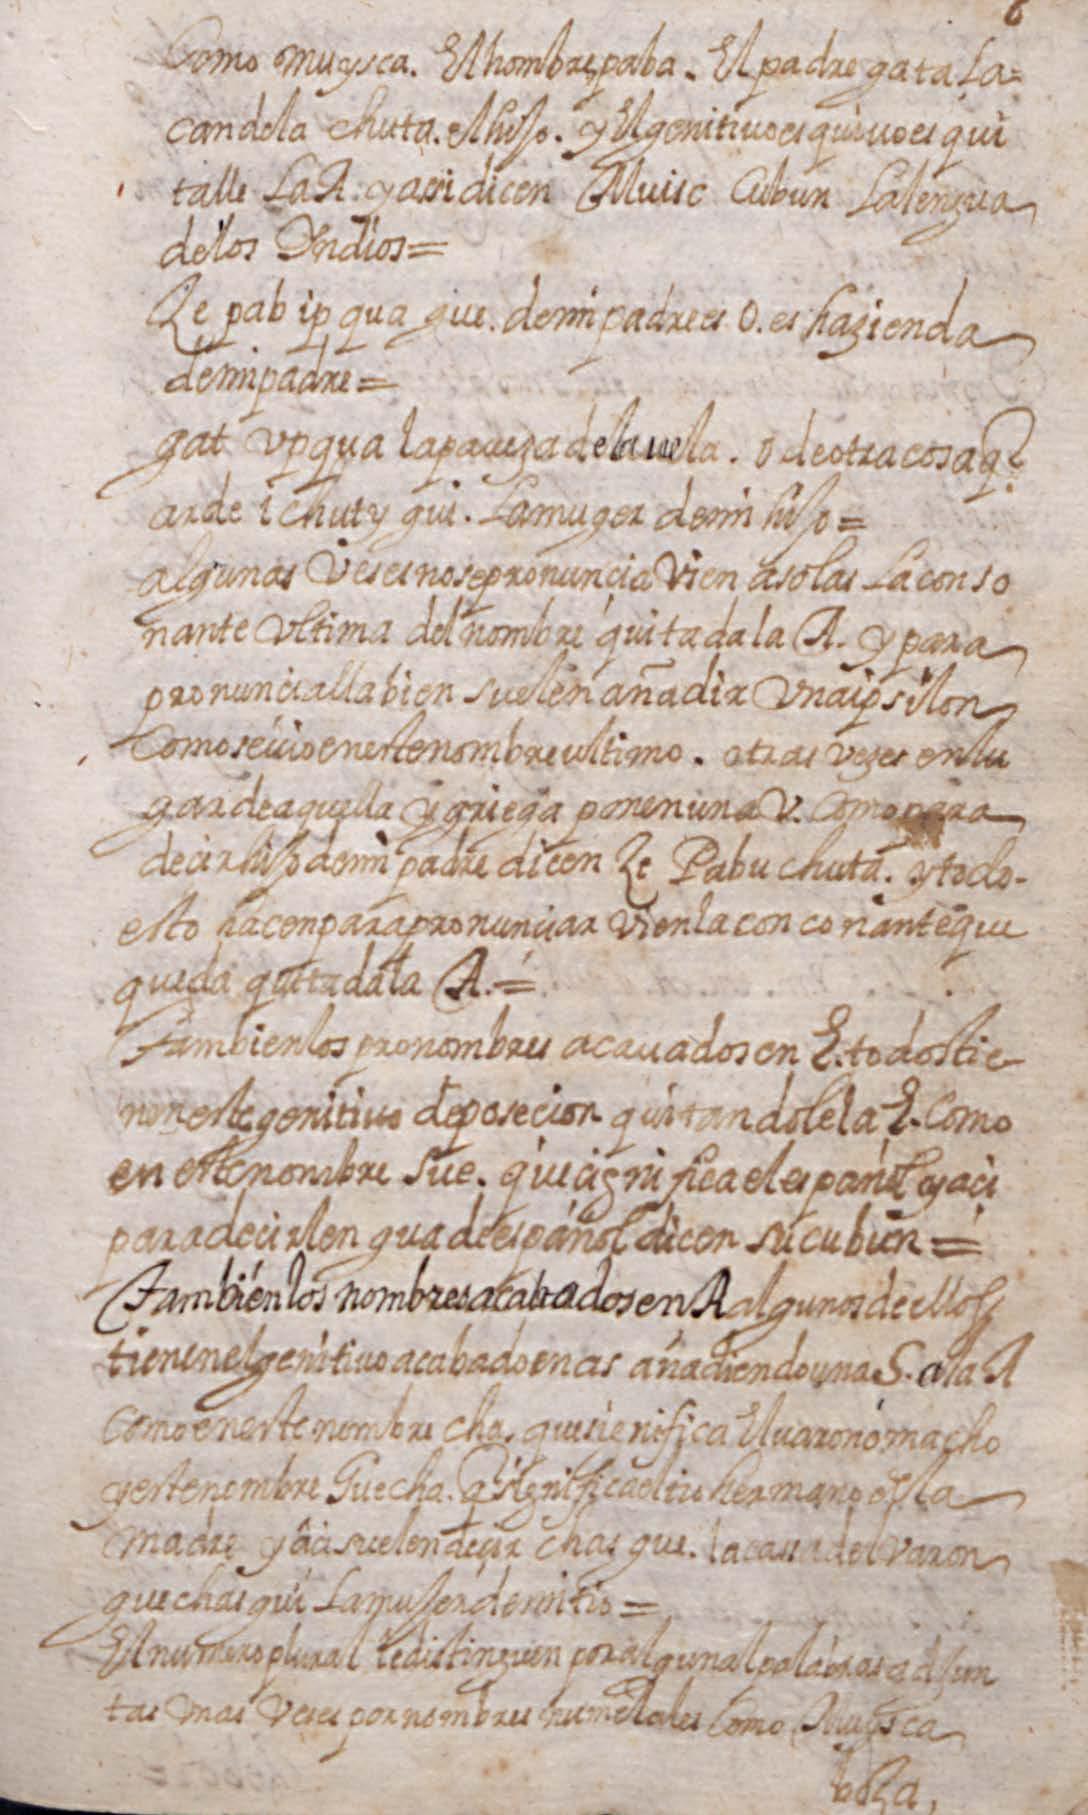 Manuscrito 158 BNC Gramatica - fol 2r.jpg